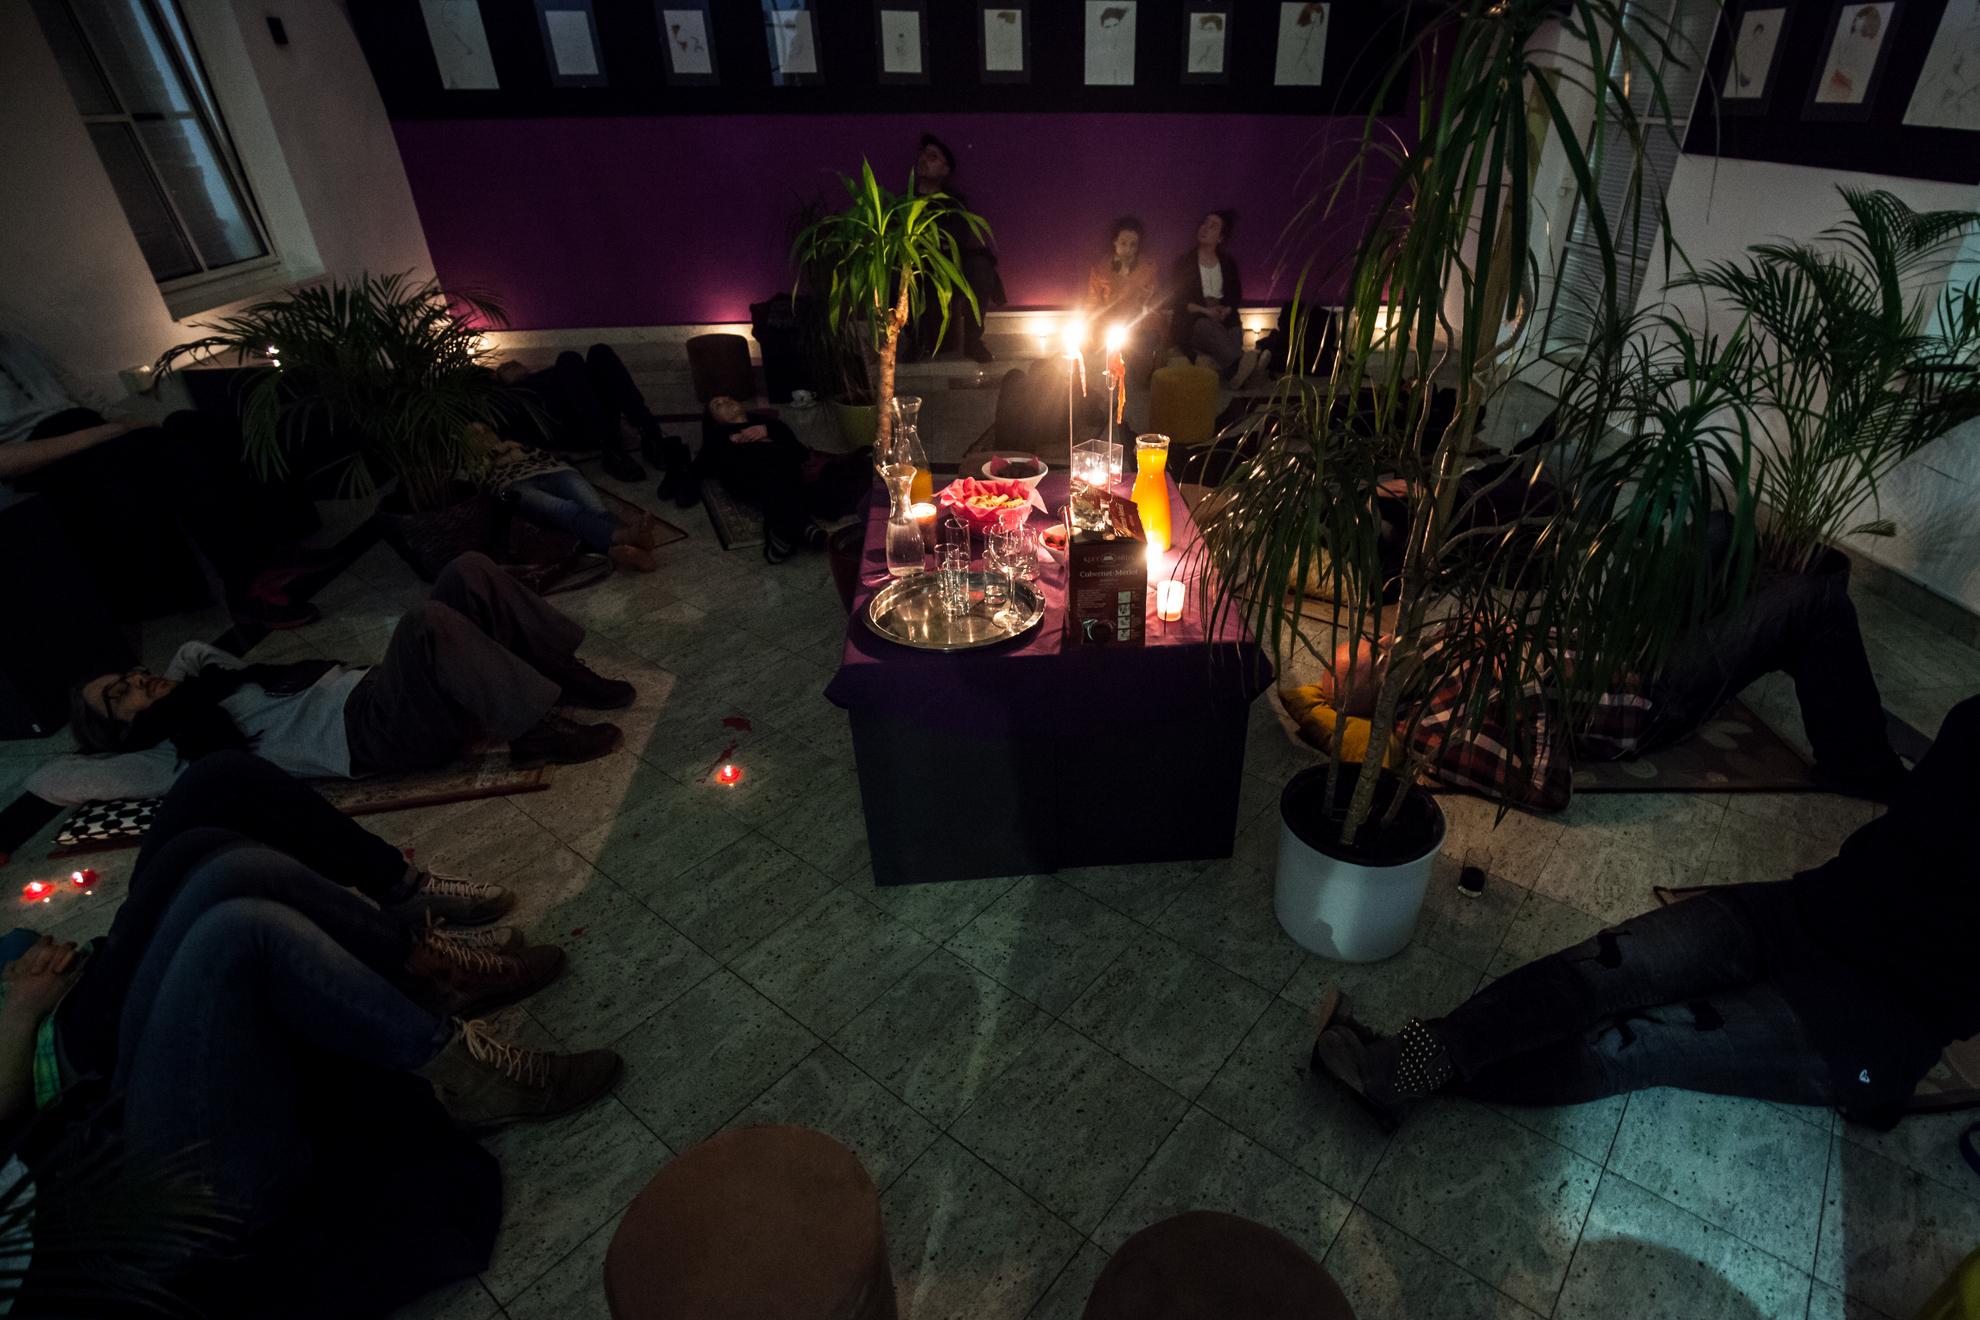 19. 03. 2016 Ljubljana, hostel Trezor. Ura zemlje, ko naj bi po celem svvetu ob 20:30 za eno uro ugasnili dodatno električno opremo. Poslušanje poezije ob soju sveč